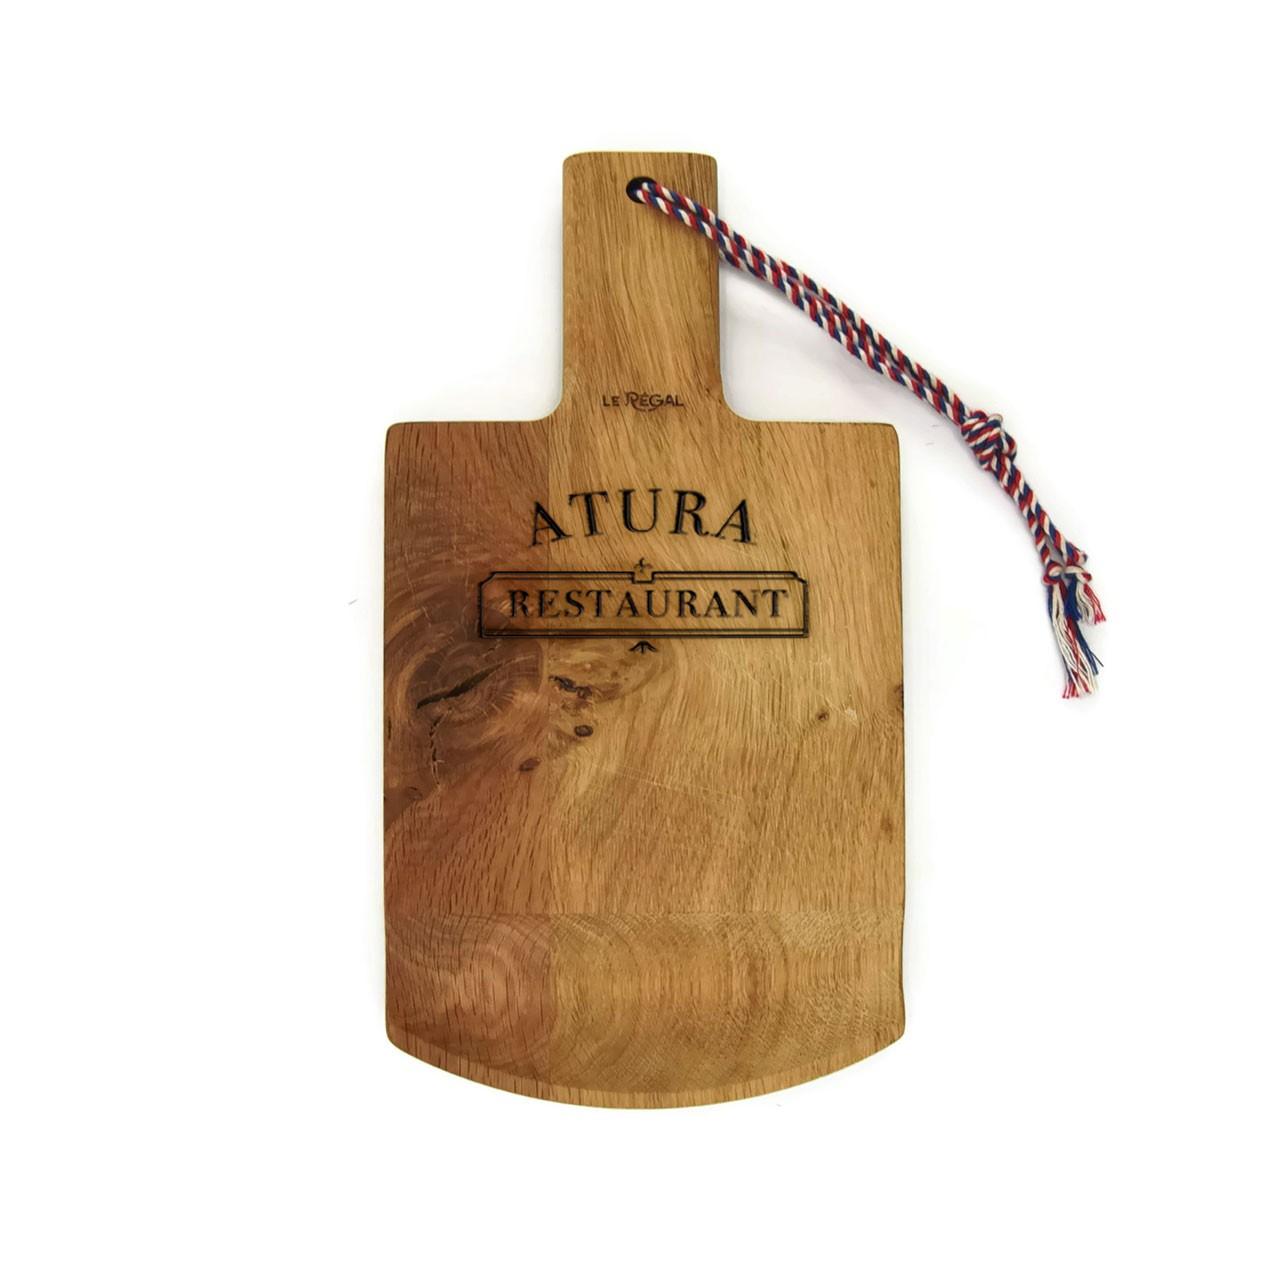 Planche à découper design en bois personnalisable